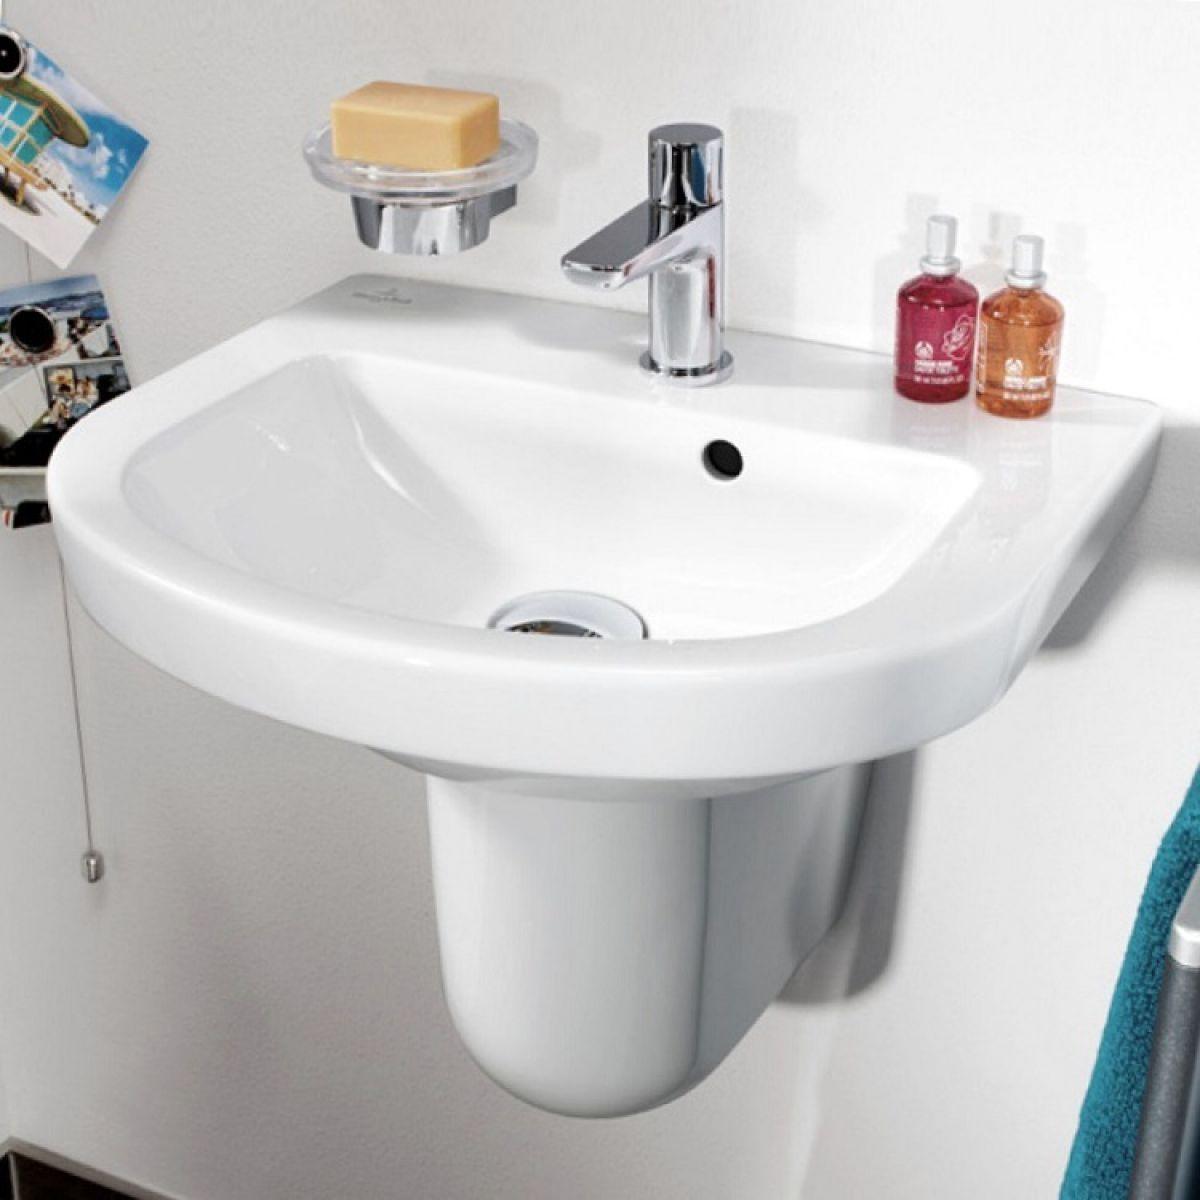 villeroy and boch subway 2 0 hand wash basin uk bathrooms. Black Bedroom Furniture Sets. Home Design Ideas